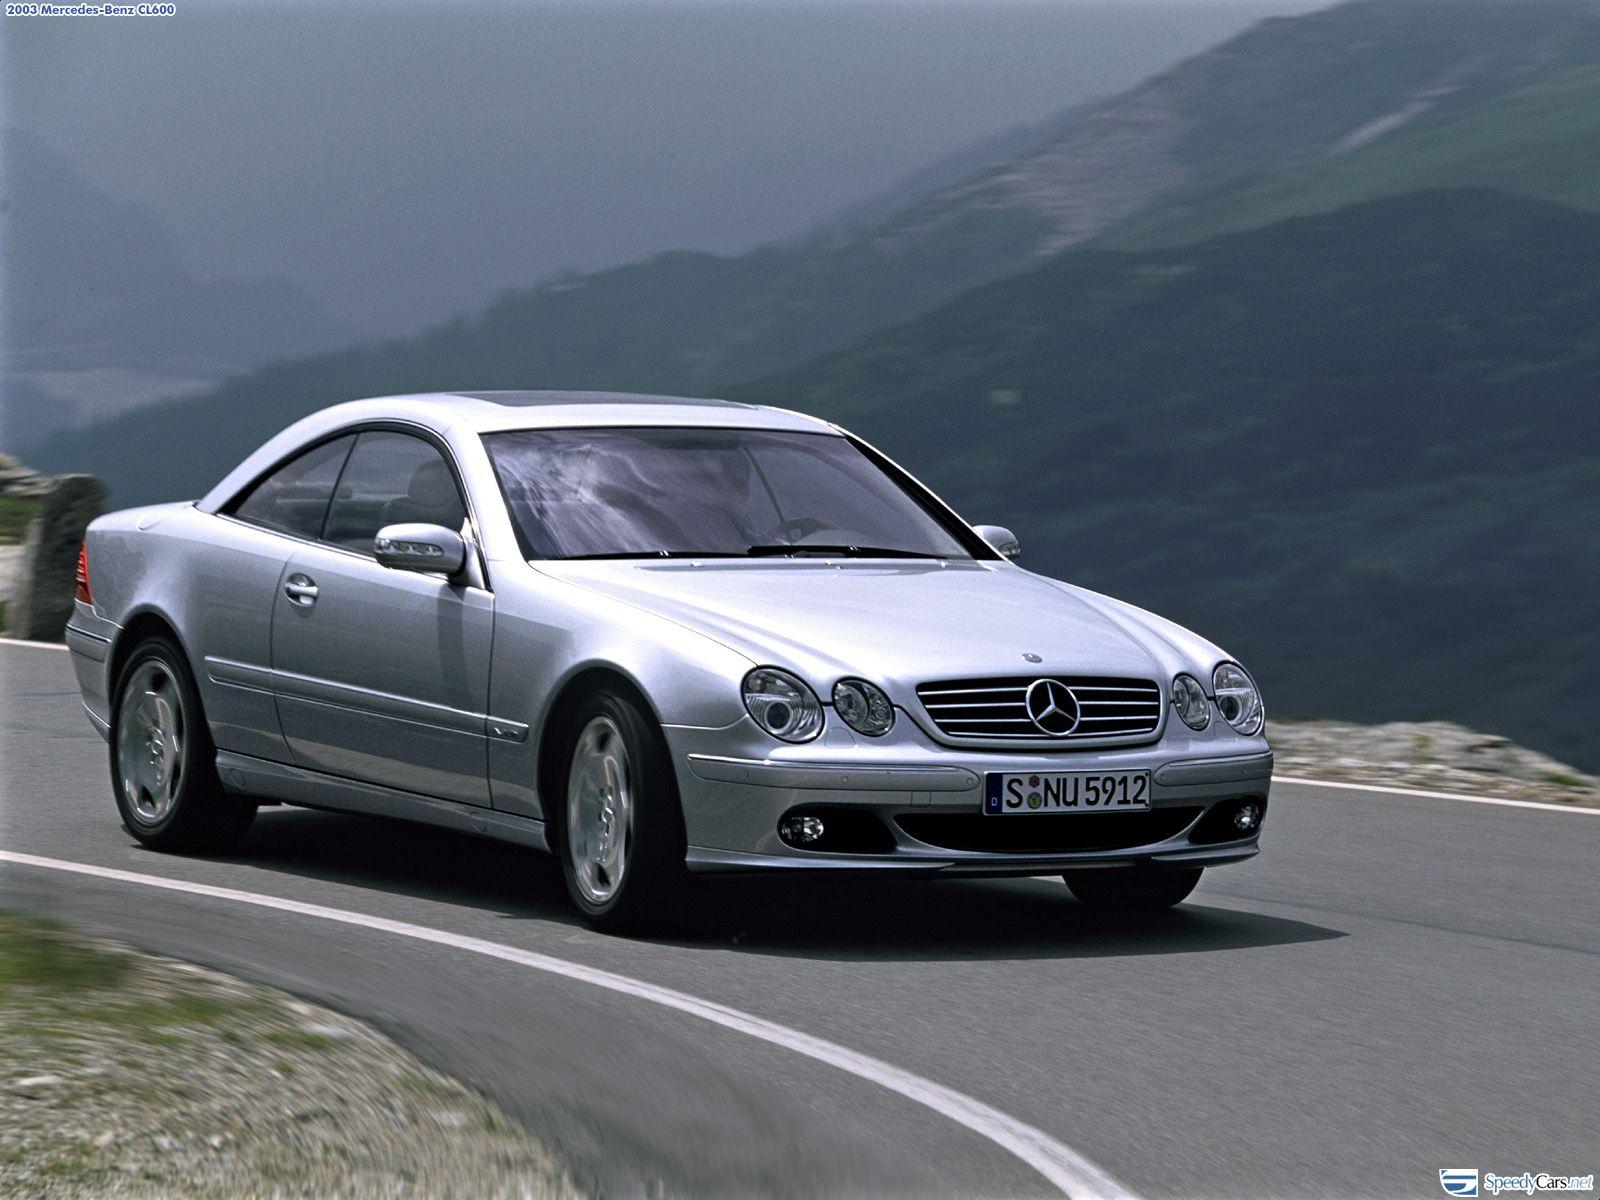 Mercedes benz cl class w215 picture 4515 mercedes benz for Mercedes benz cl class